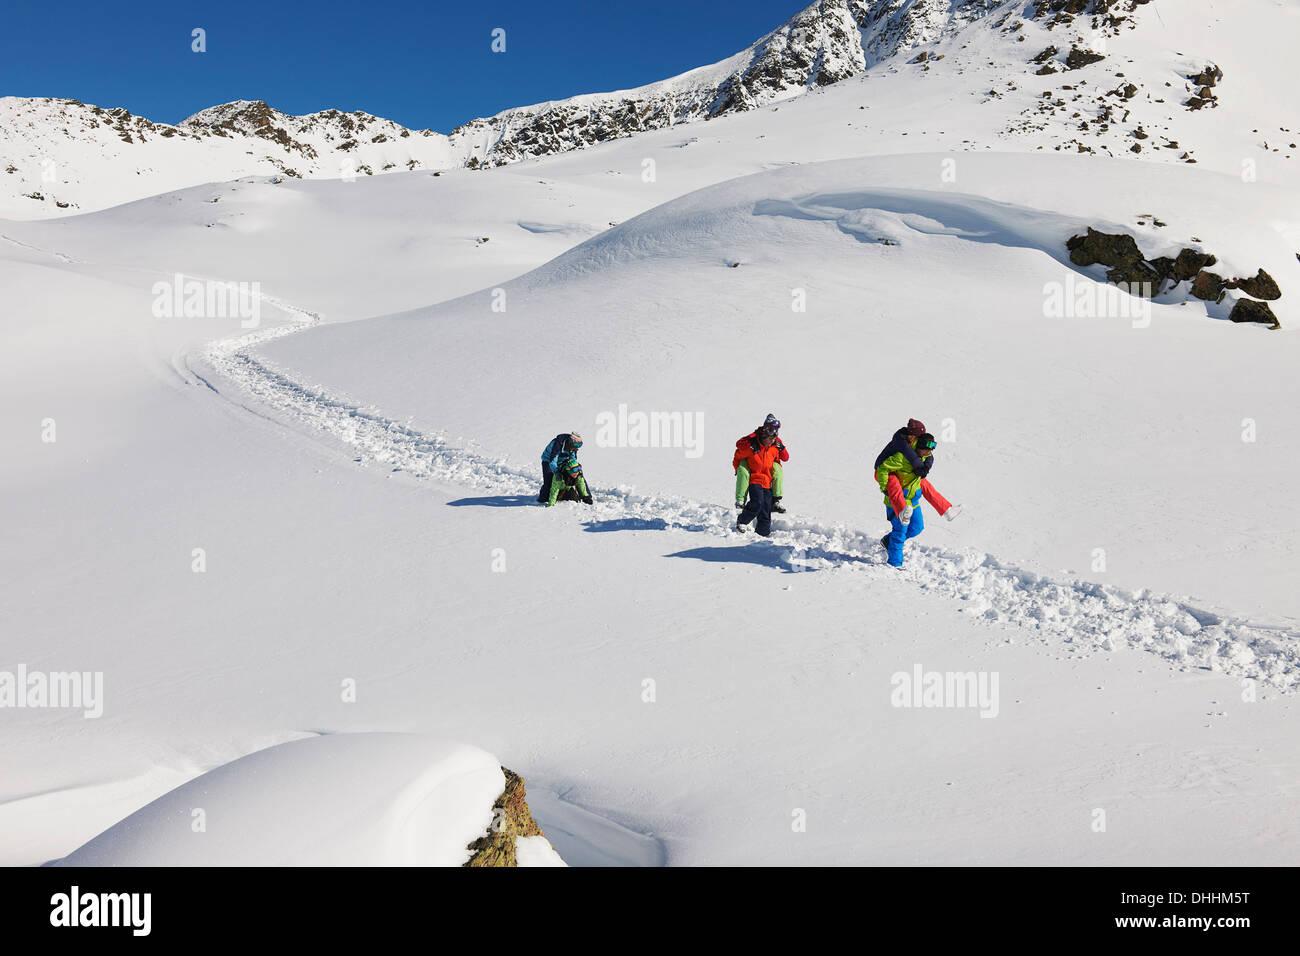 Freunde geben einander den Rücken Schweinchen im Schnee, Kühtai, Österreich Stockbild